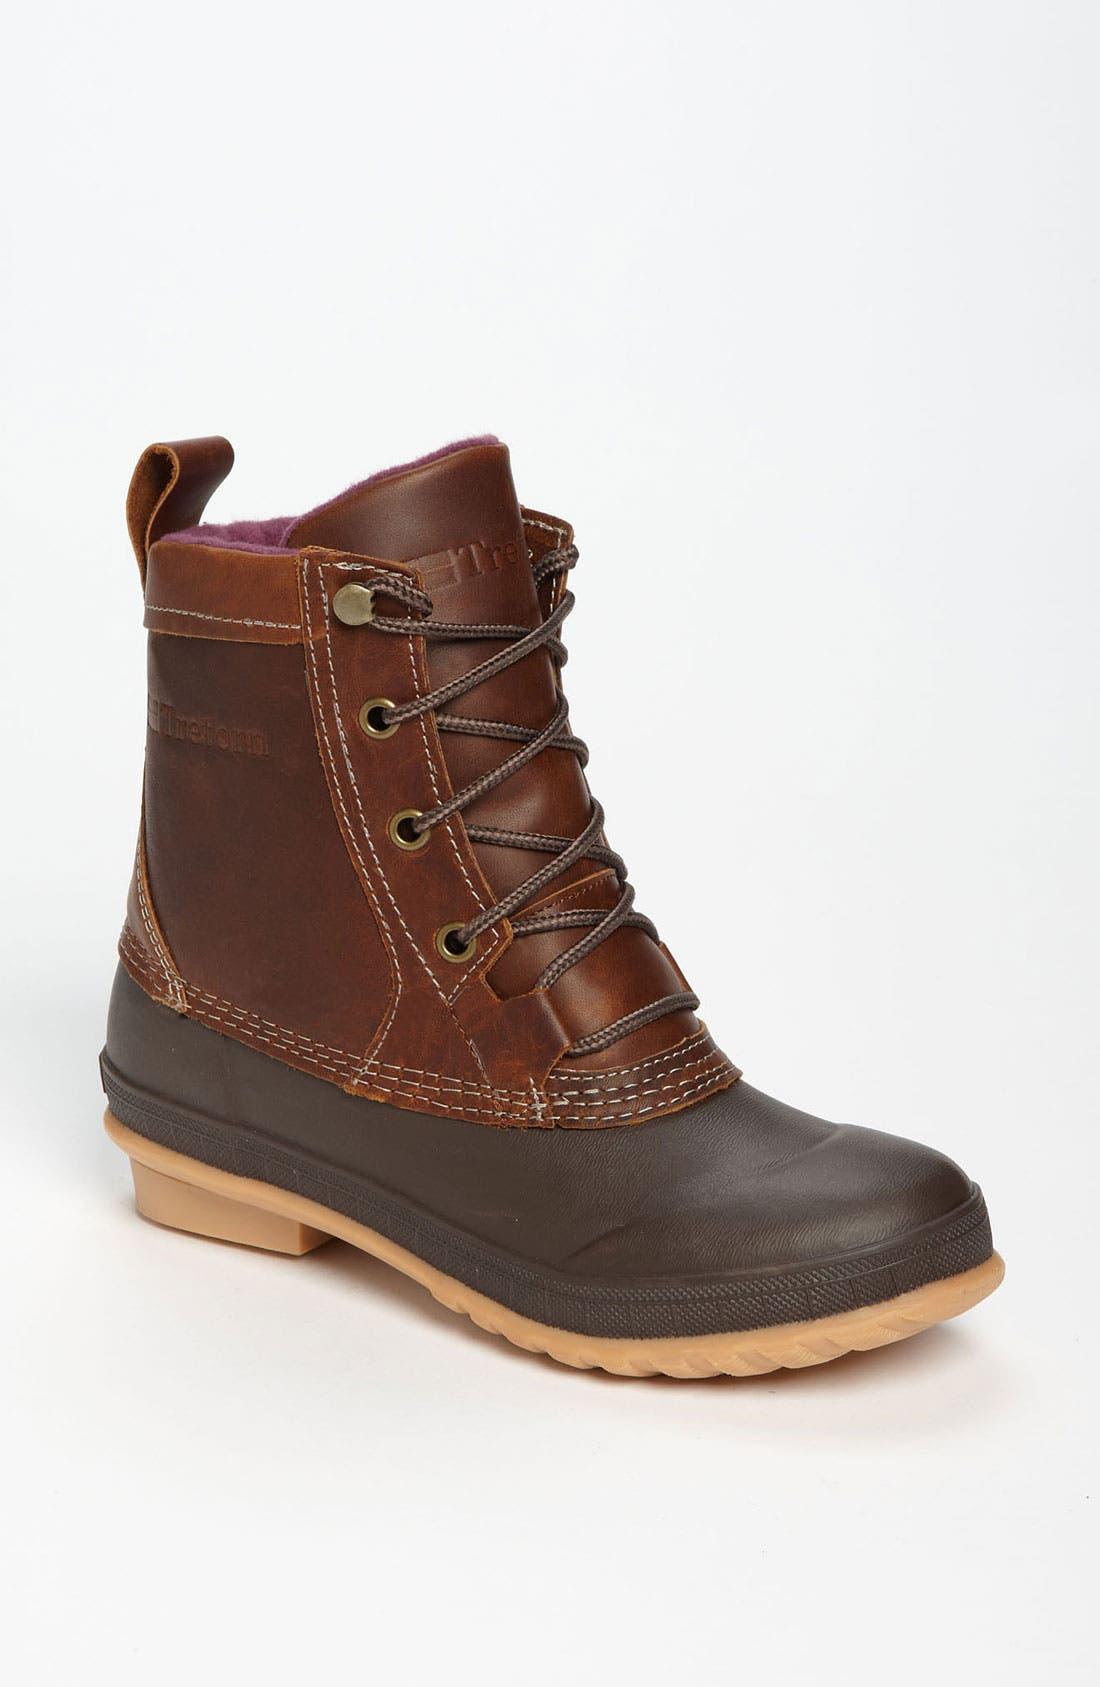 Alternate Image 1 Selected - Tretorn 'Jossi' Boot